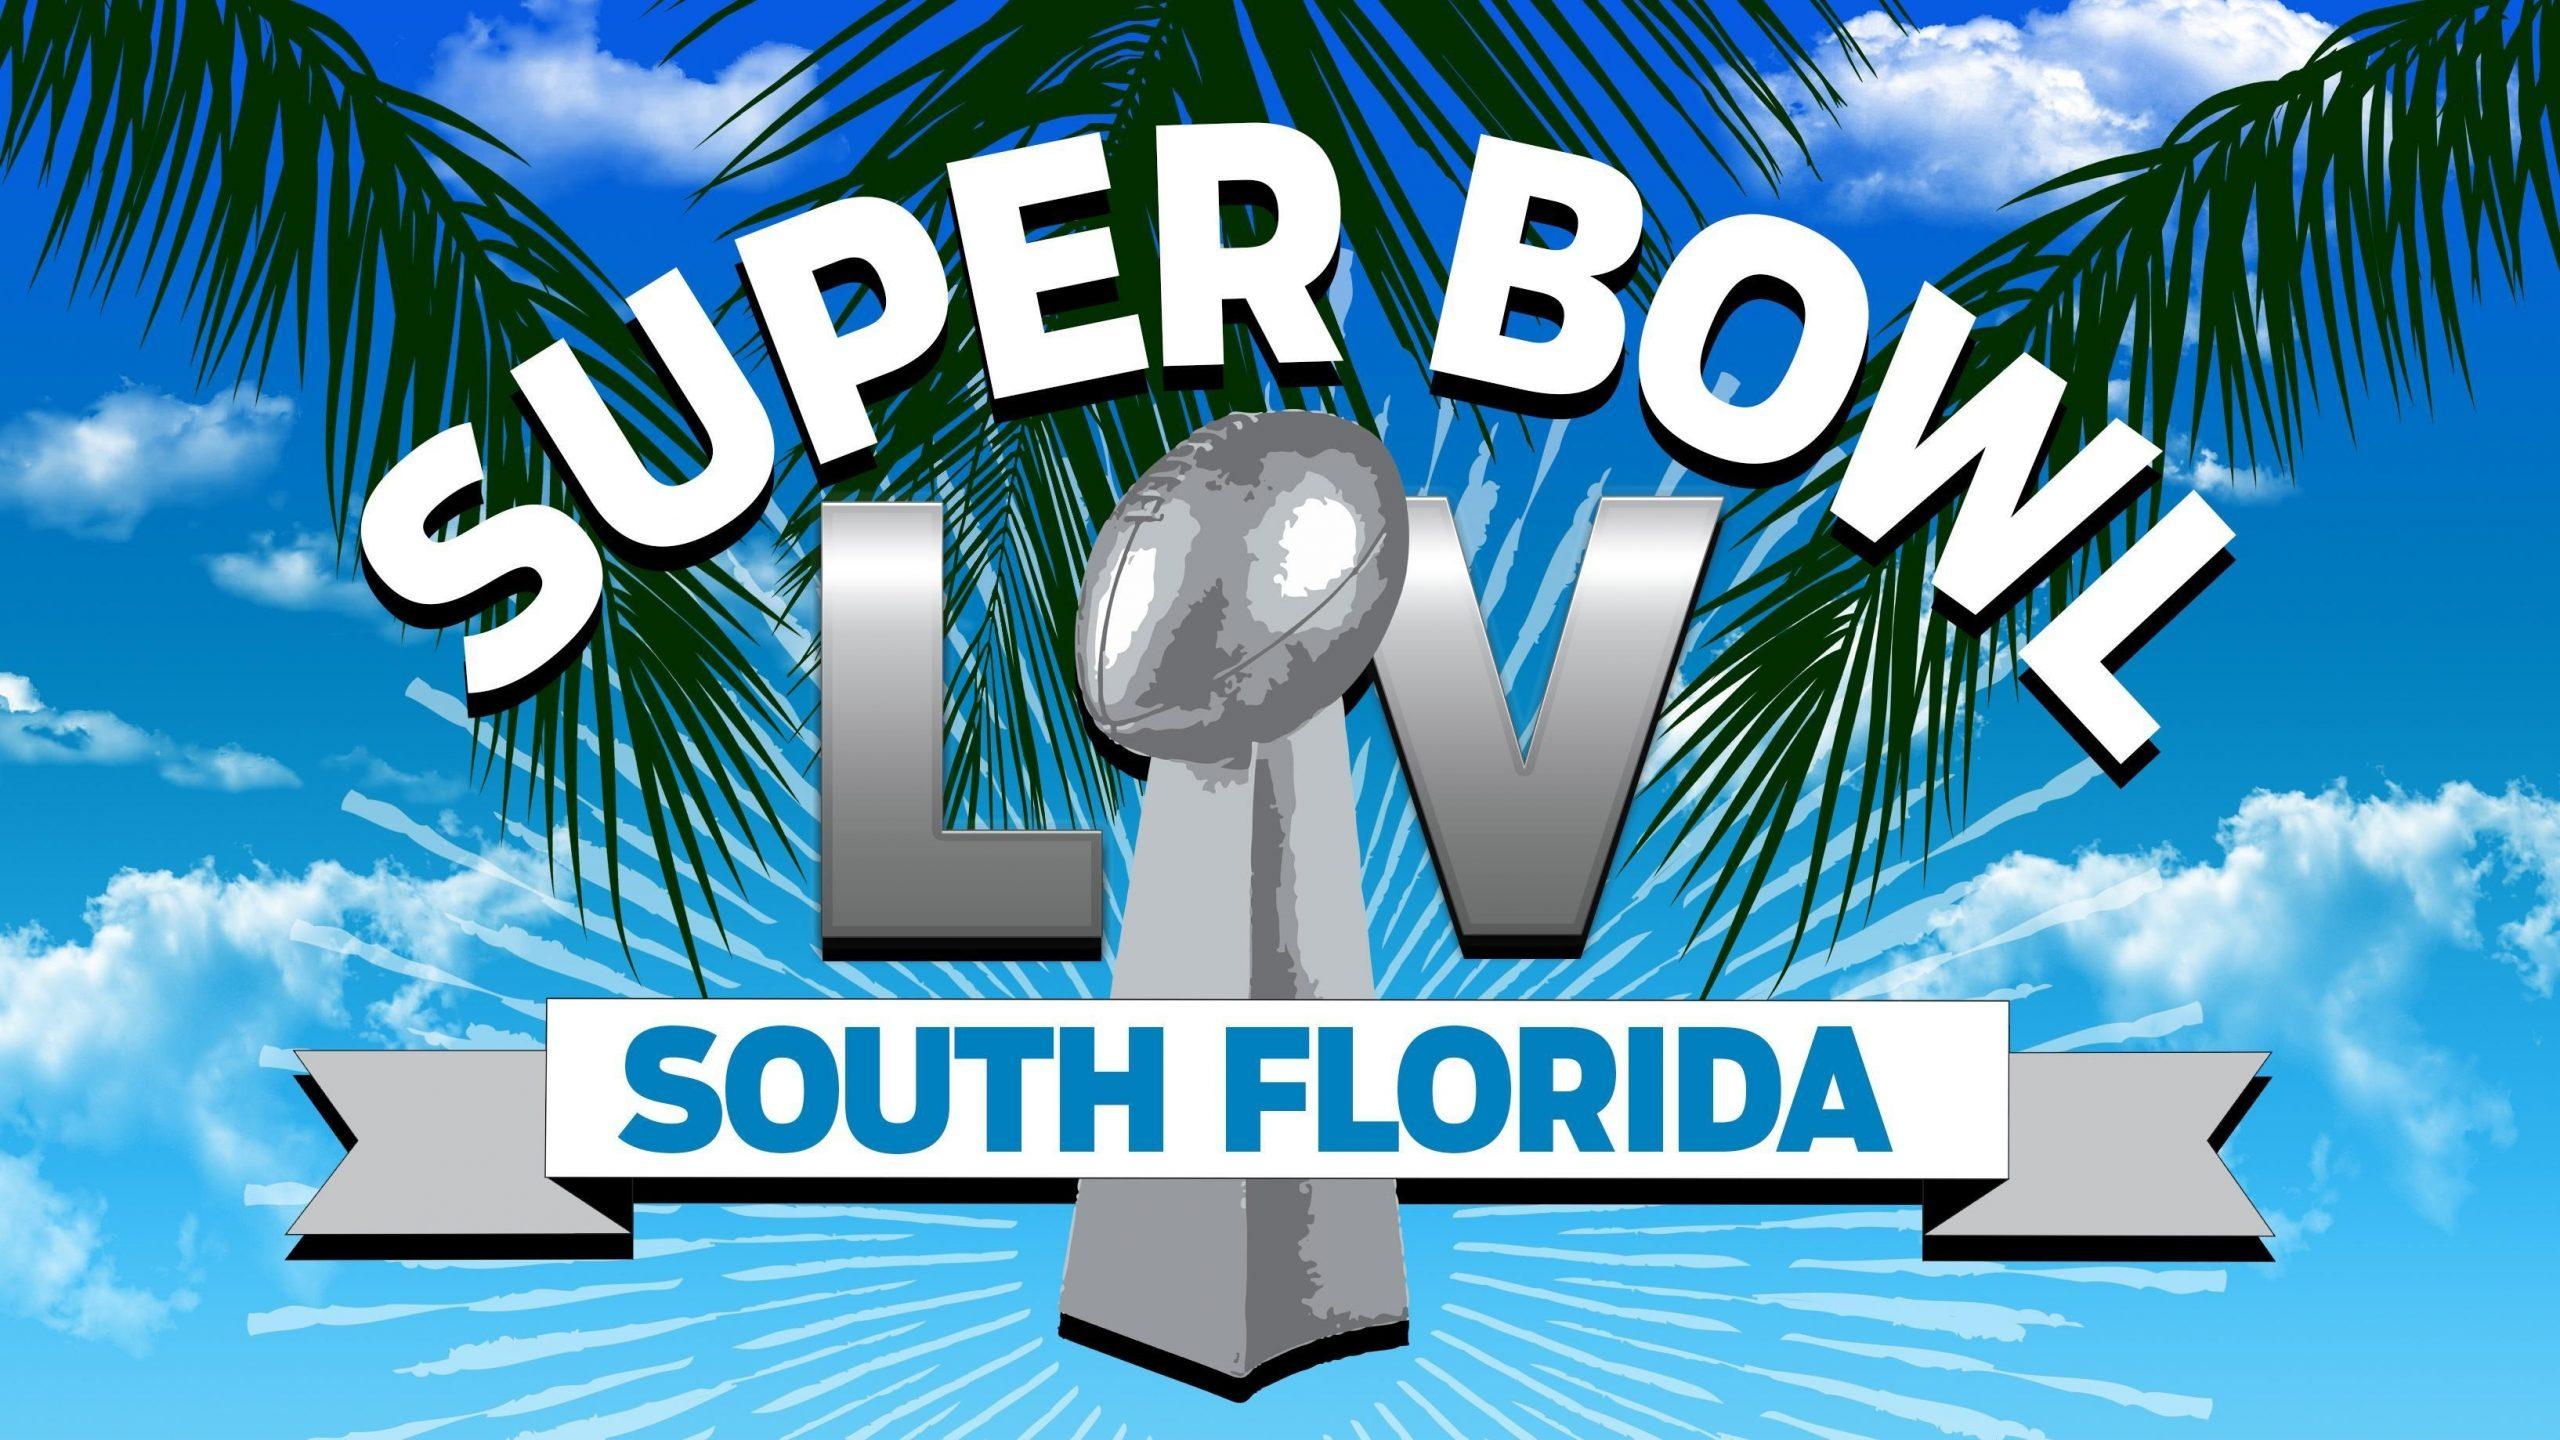 Super Bowl 2020: Full Palm Beach Post Coverage Of The Big in Super Bowl Radio Broadcast Miami